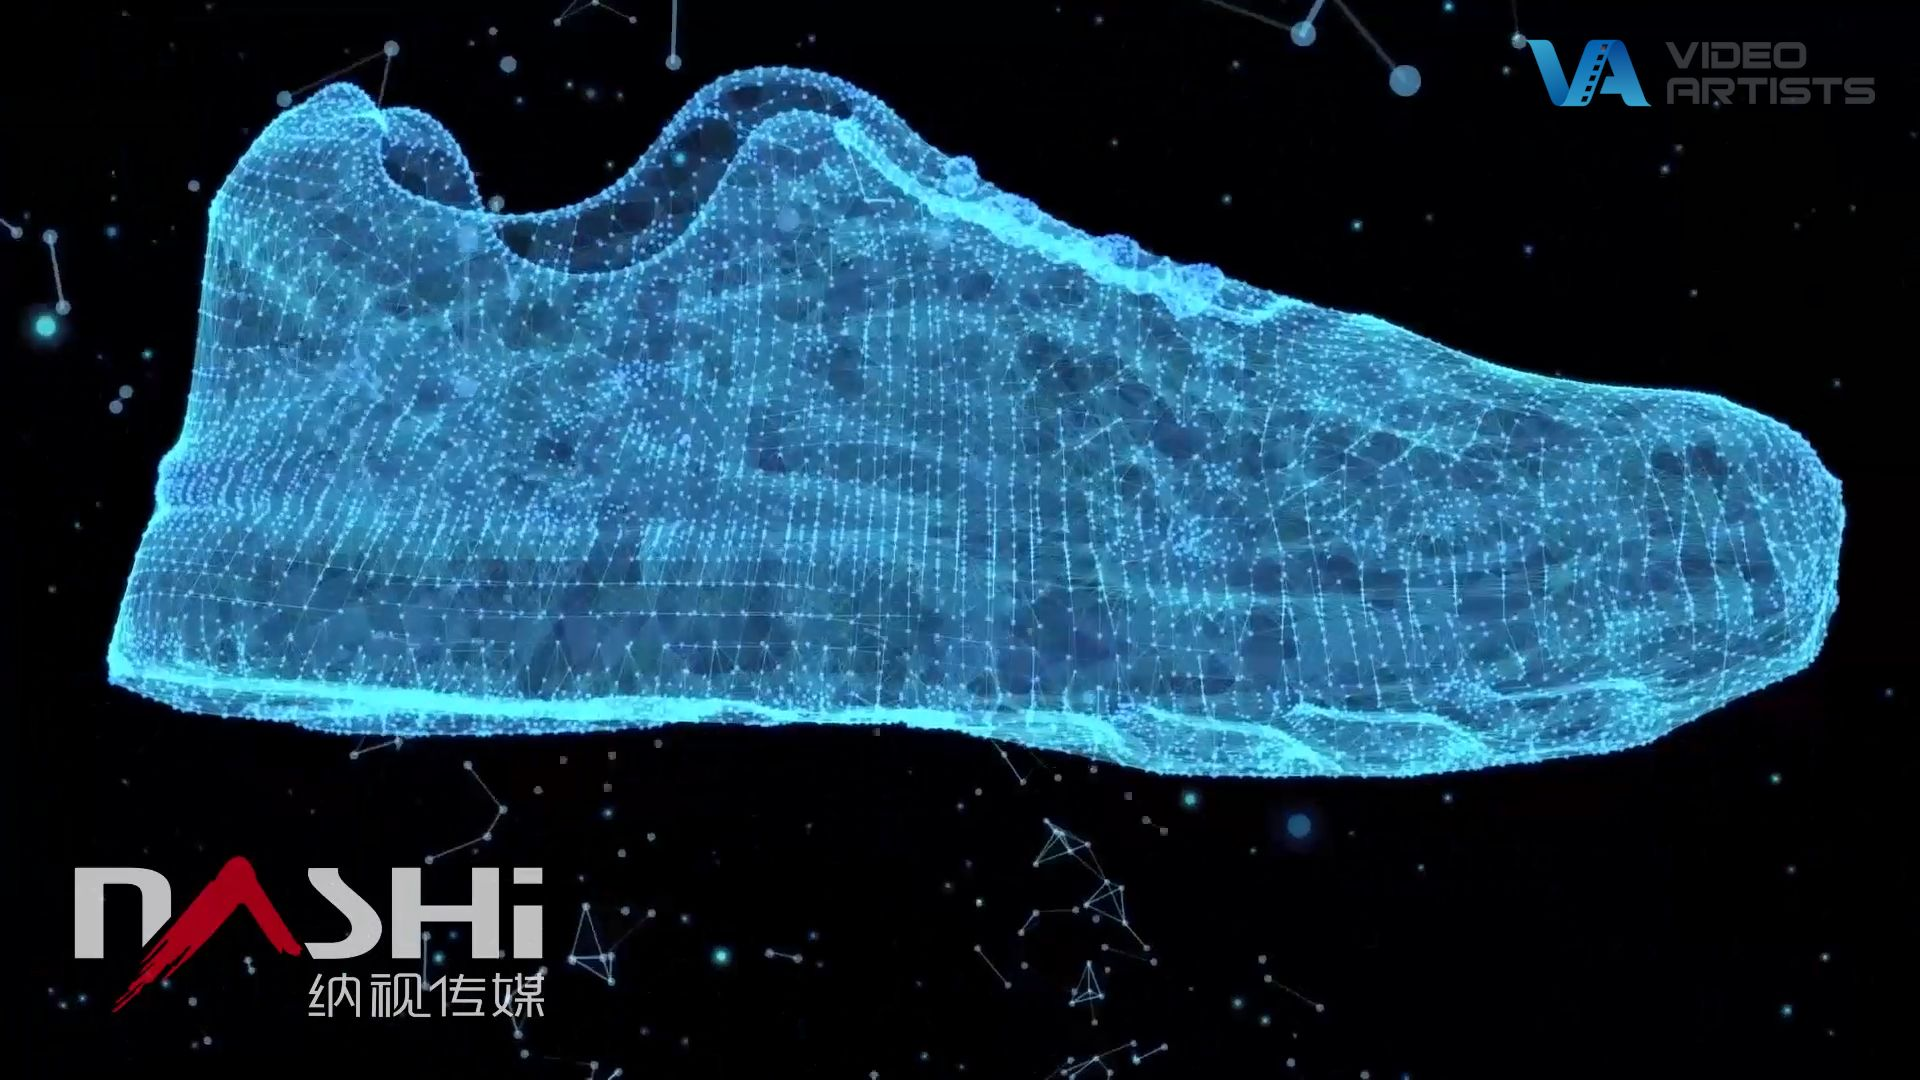 英特尔智能跑鞋-产品宣传片